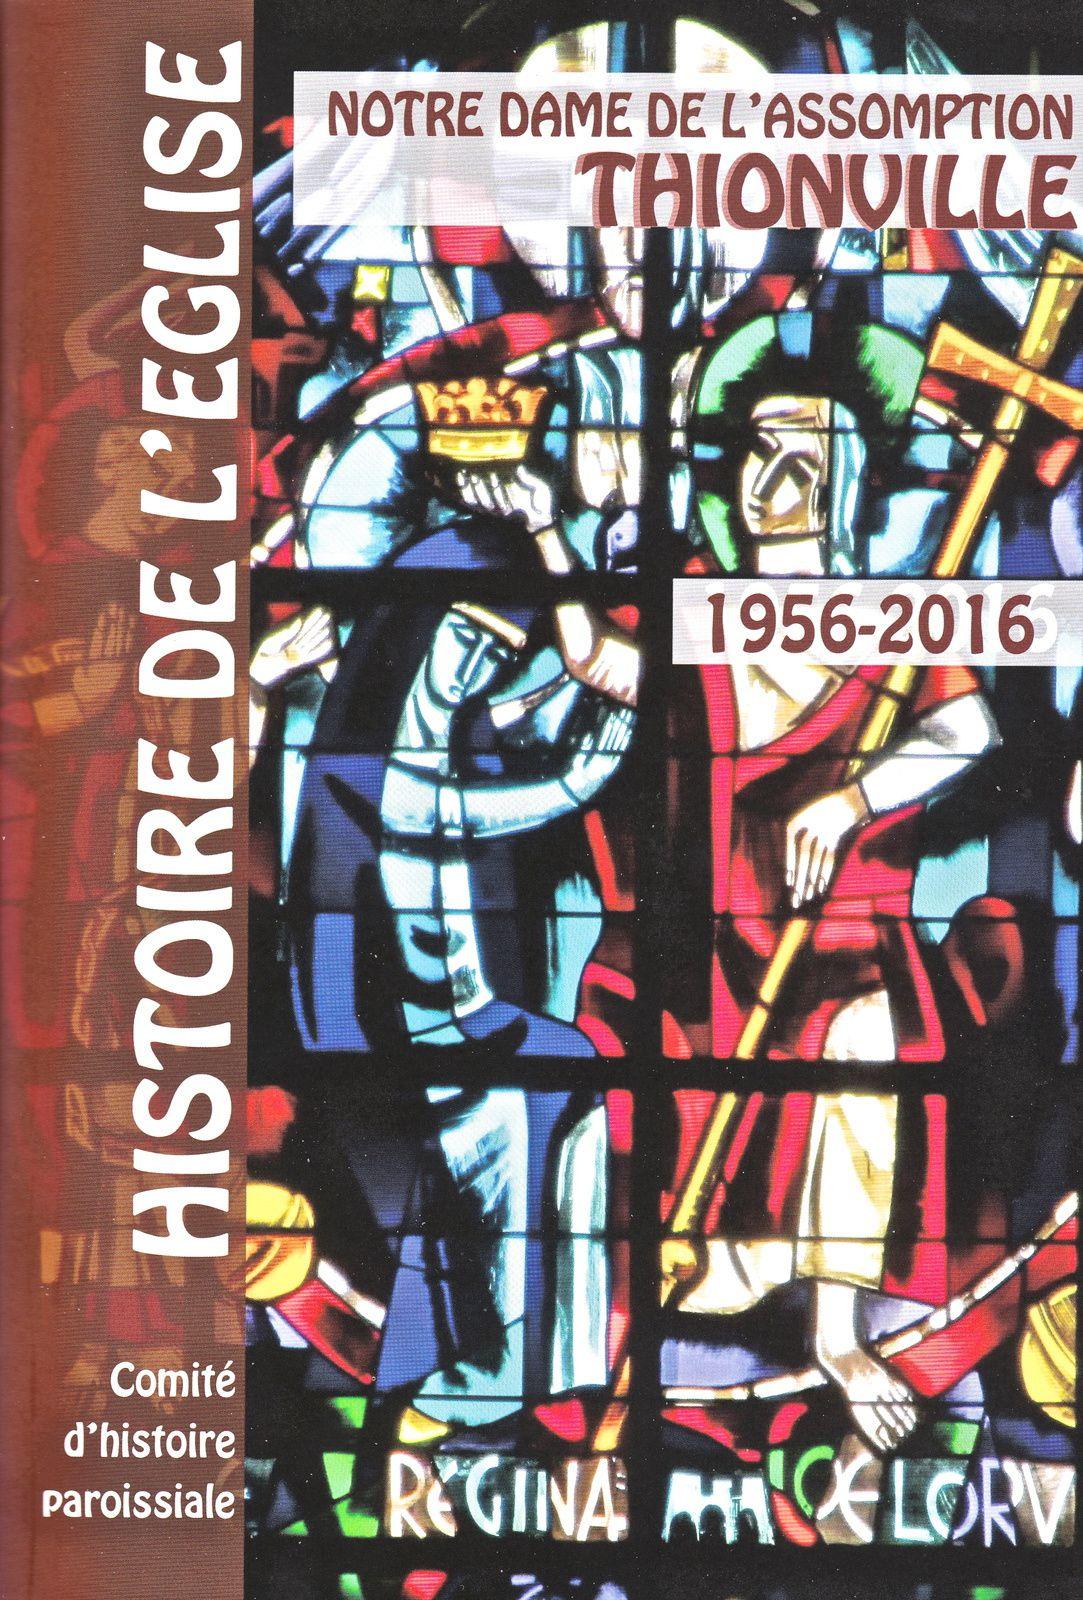 La couverture du livret sur l'histoire de l'église Notre Dame